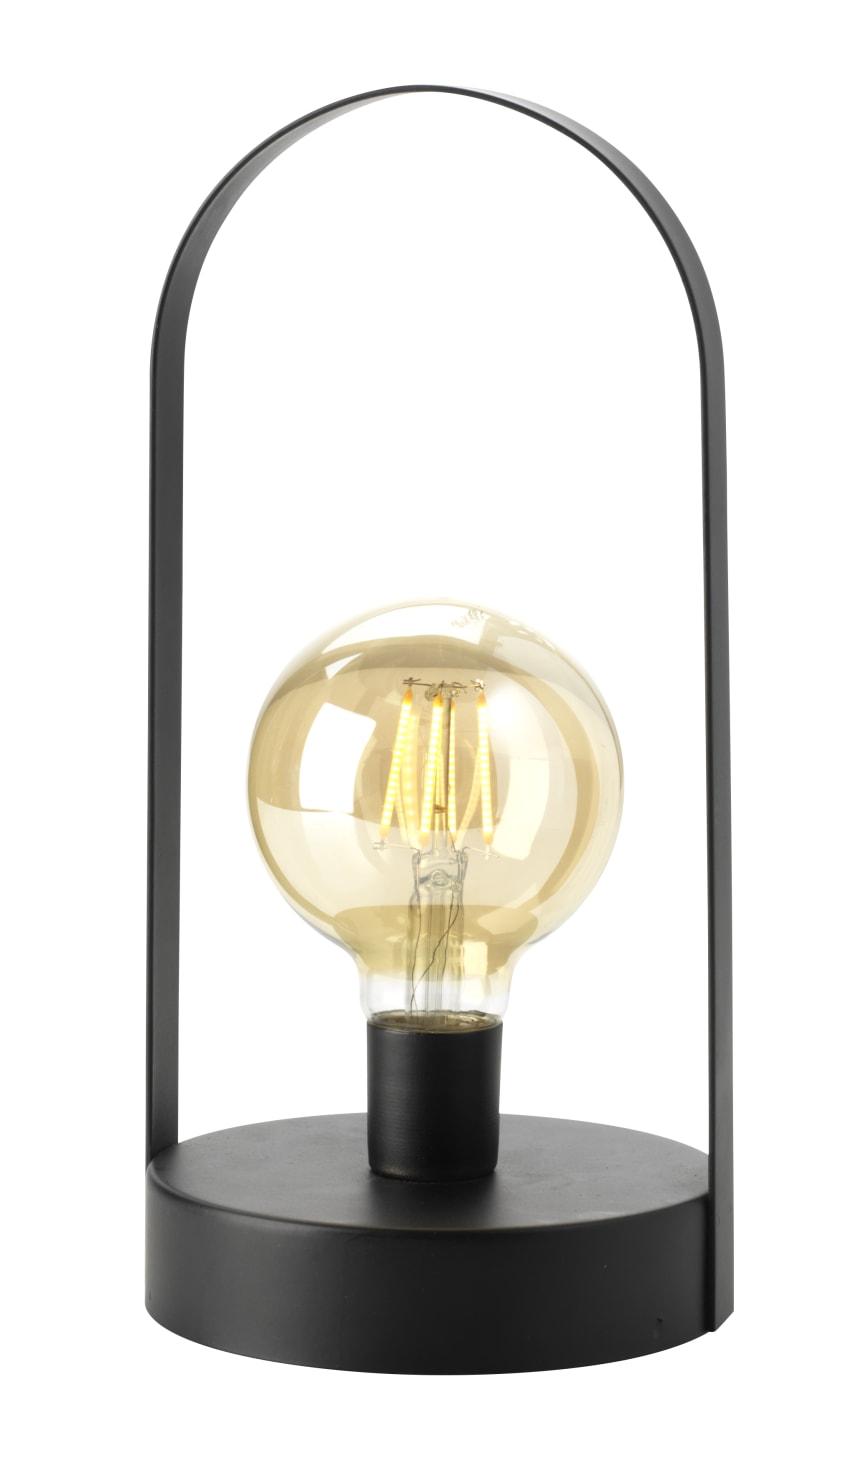 Paristokäyt. lamppu MAL Ø13xK25